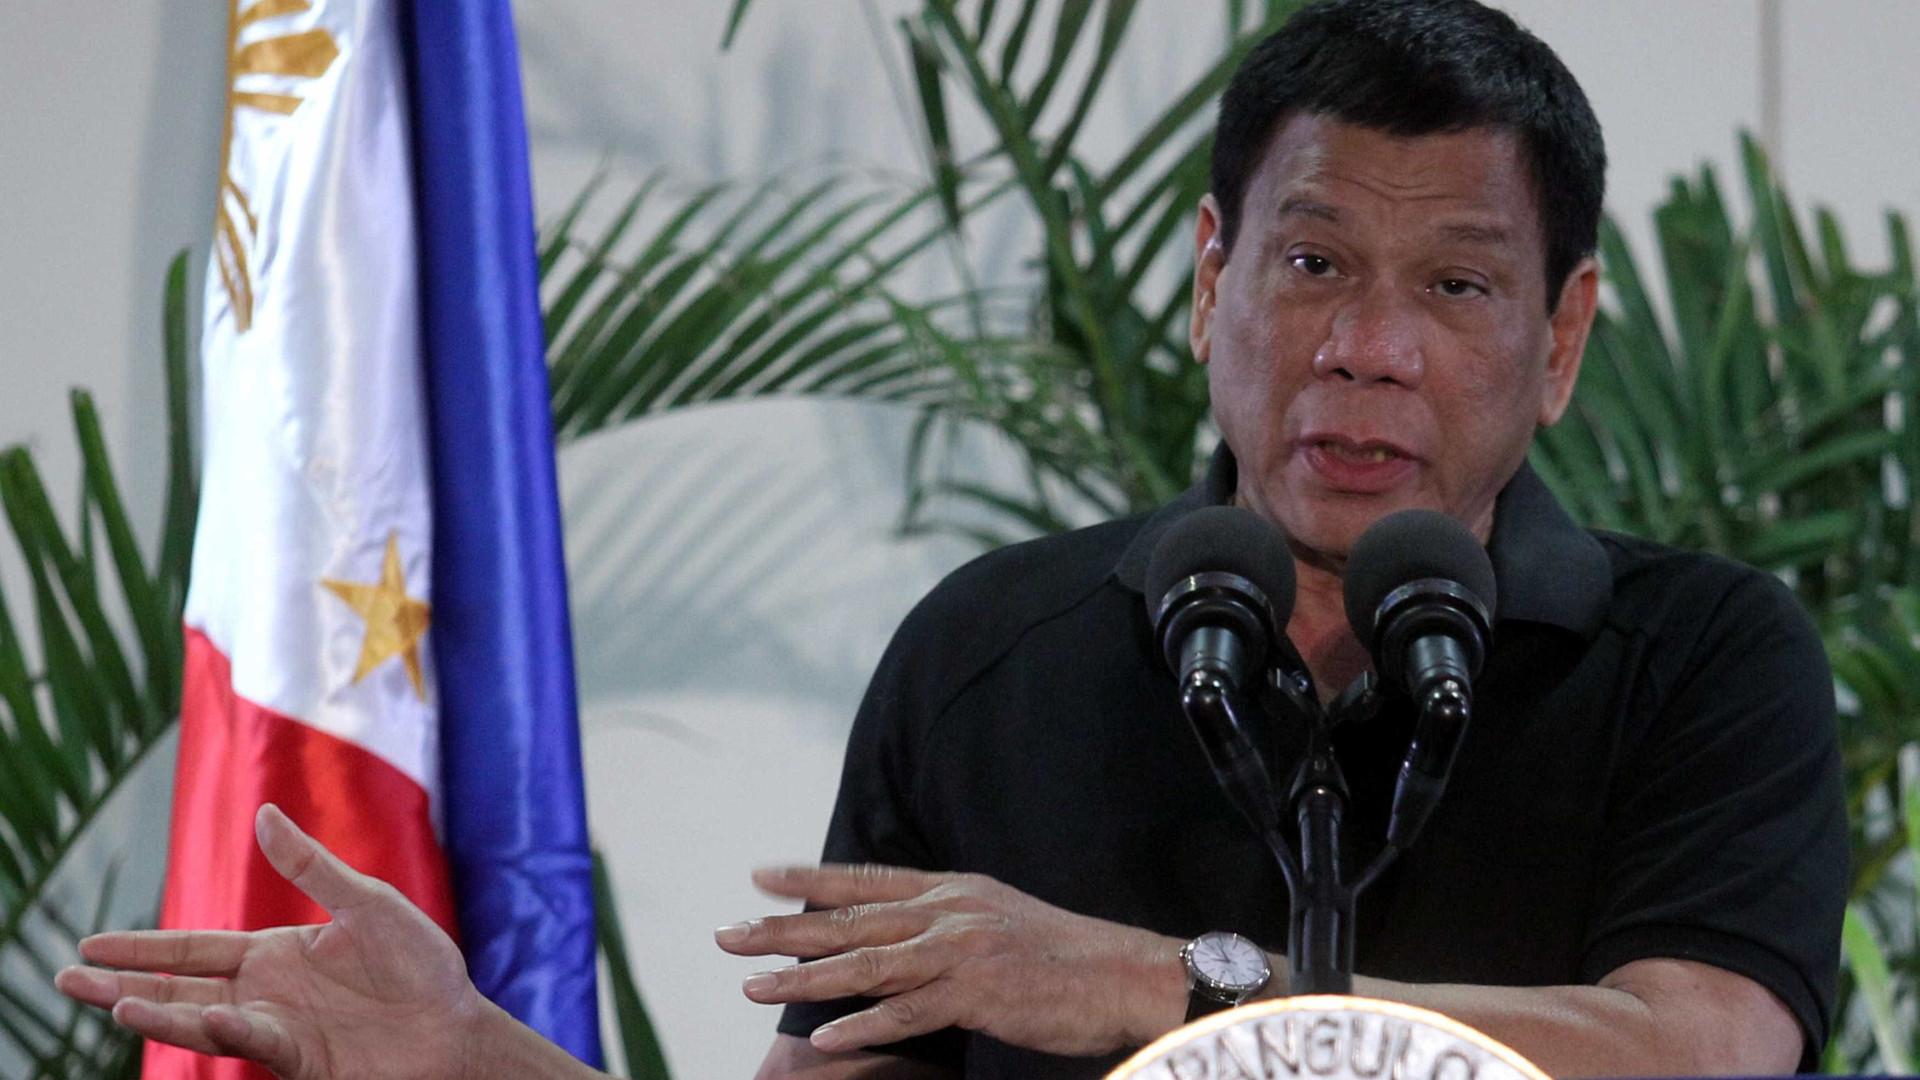 União Europeia atribui a mal-entendido insultos e ameaças de Duterte